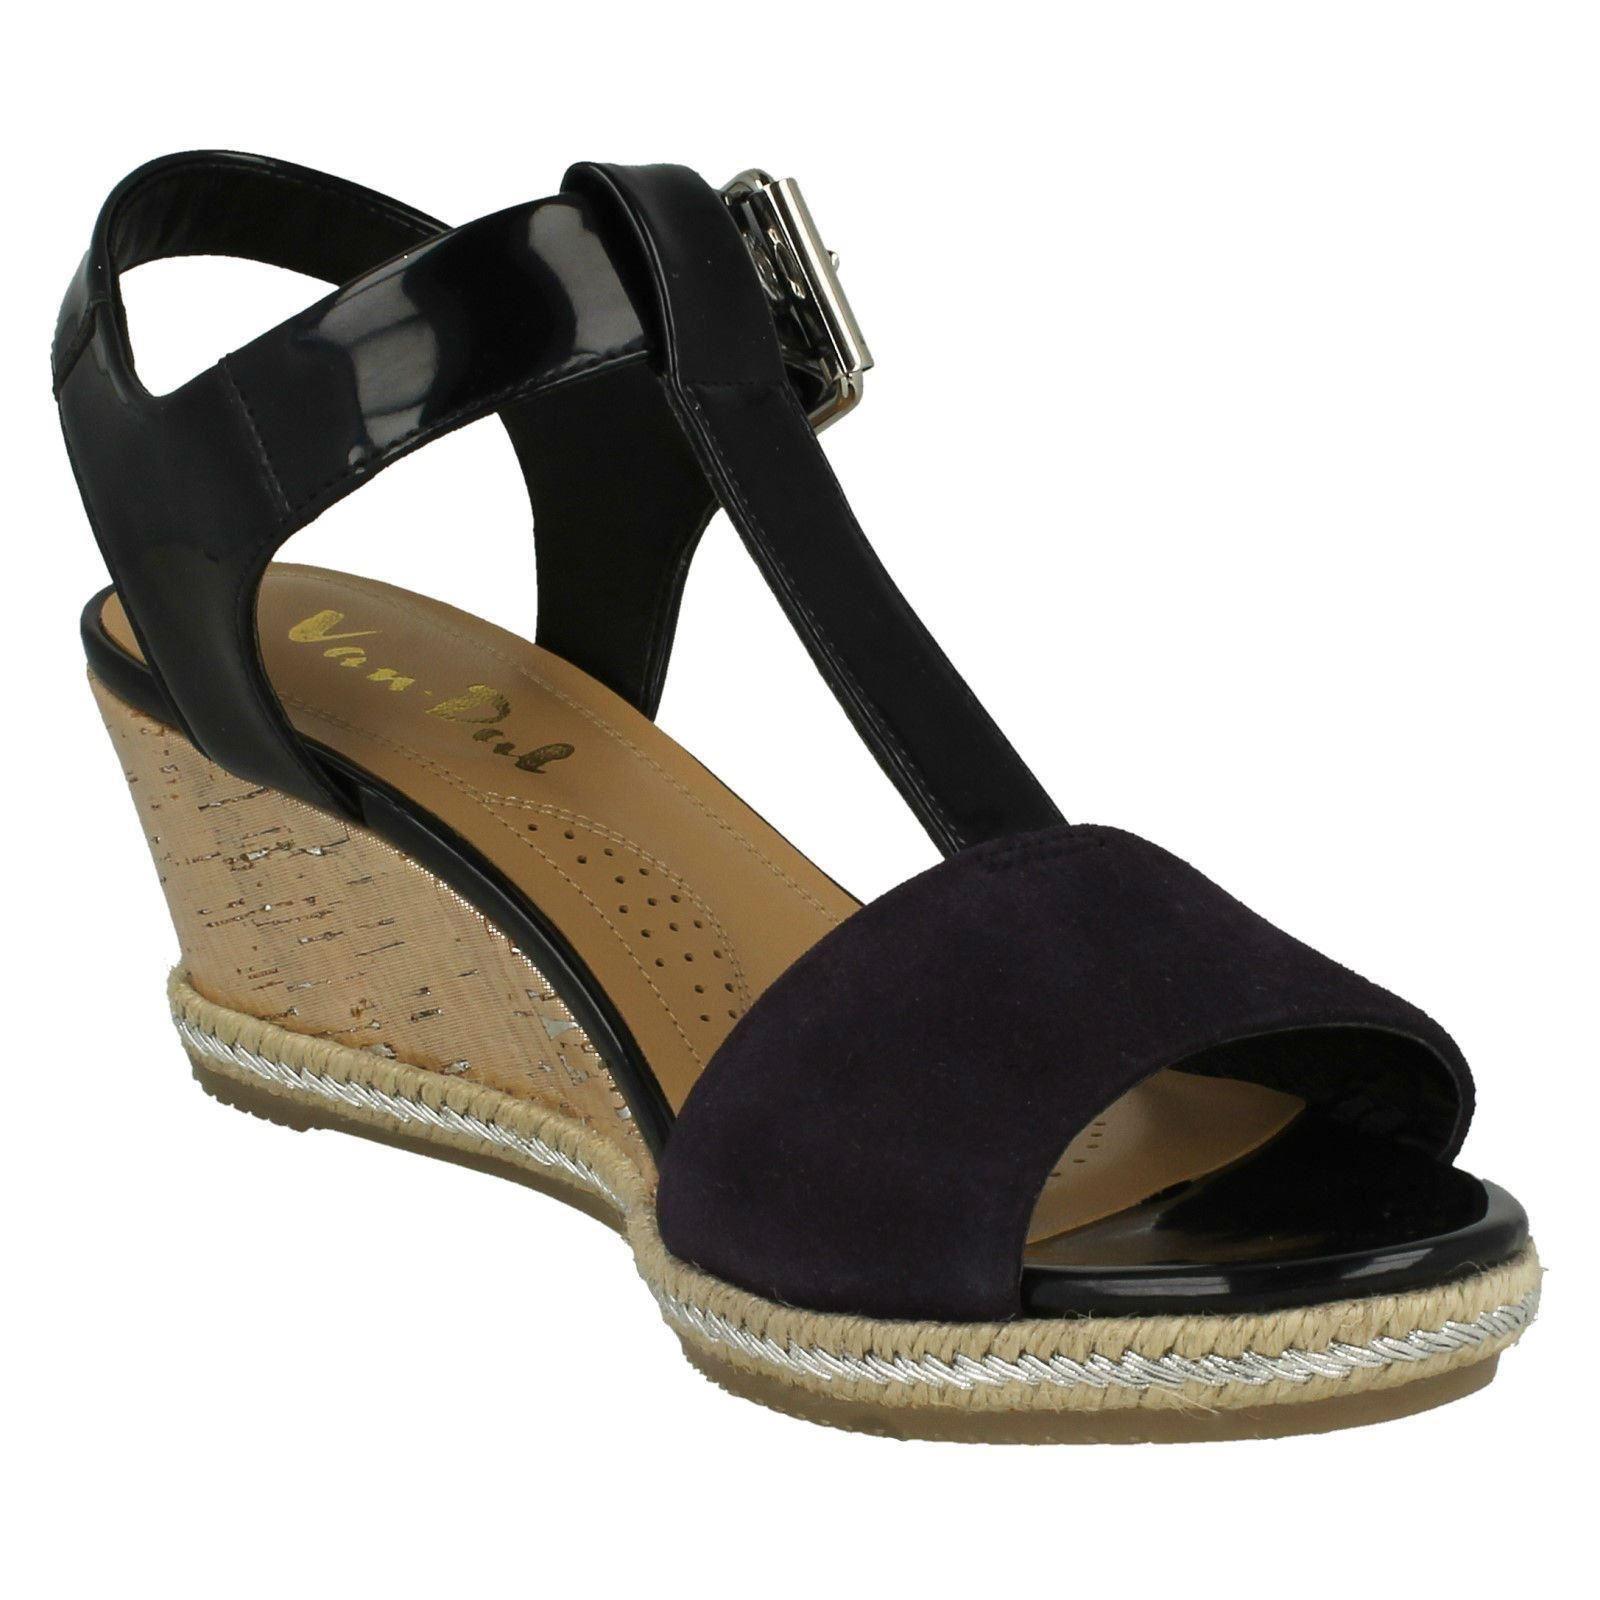 Ladies-Van-Dal-Wedged-Heel-Sandals-Jordan thumbnail 8